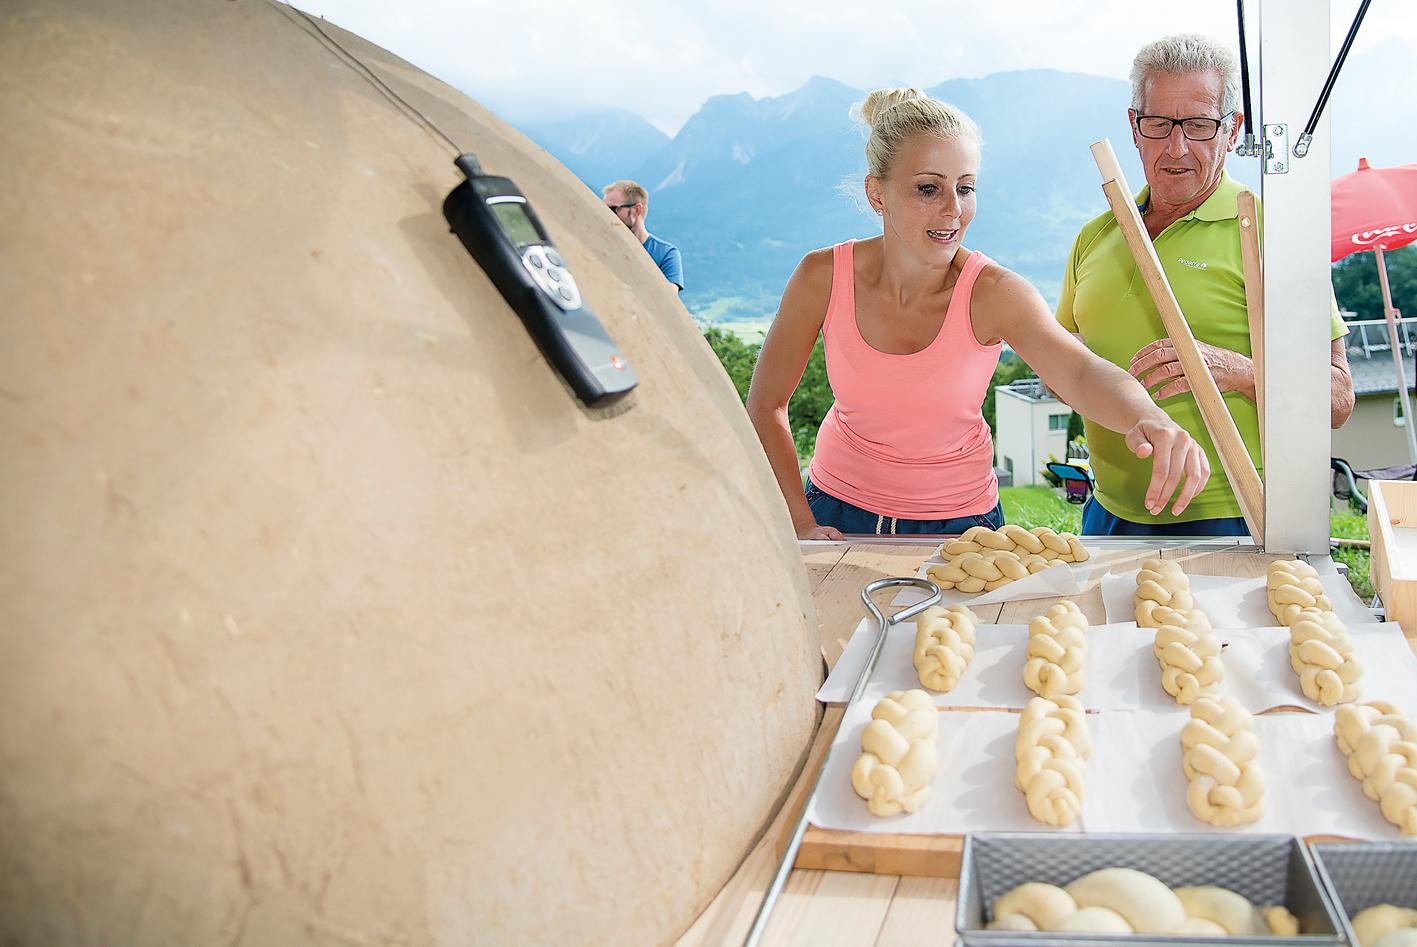 Bäckermeister Josef Gutschner beeindruckte mit perfekt geformten Zöpfen. Er war als Tipp-Geber beim ersten Back-Einsatz äußerst gefragt.